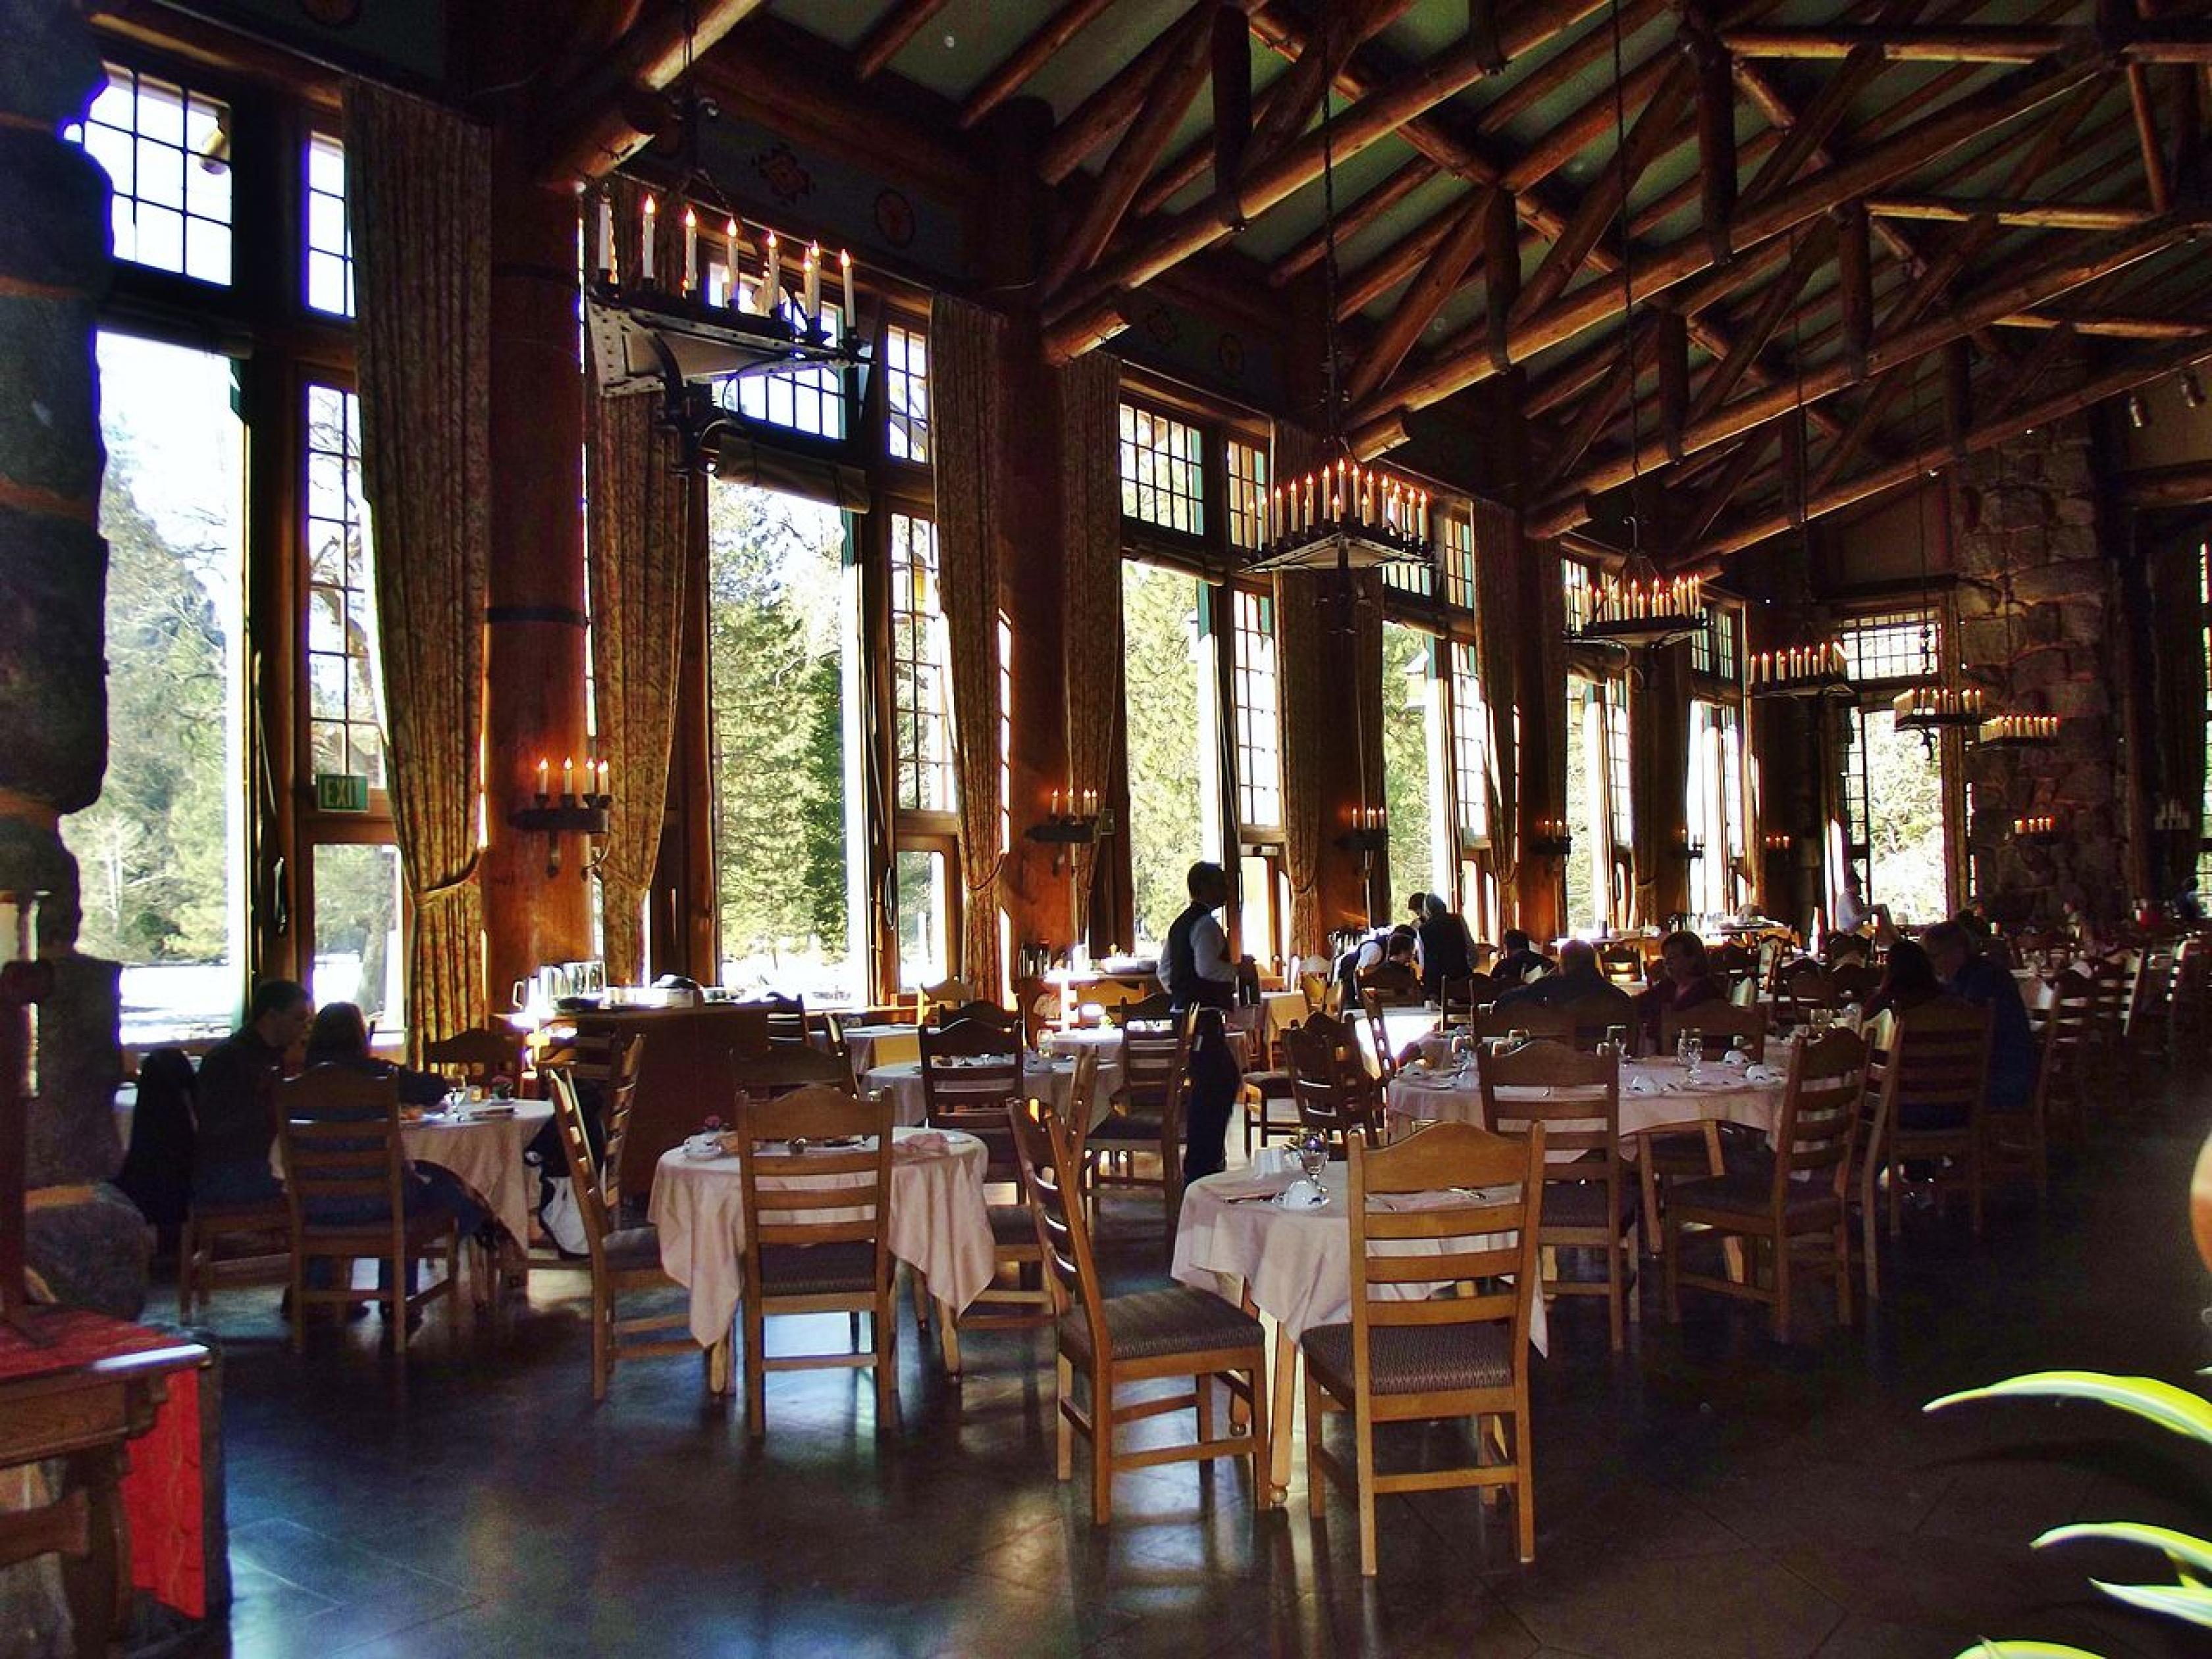 Ahwahnee Dining Room at Yosemite National Park.